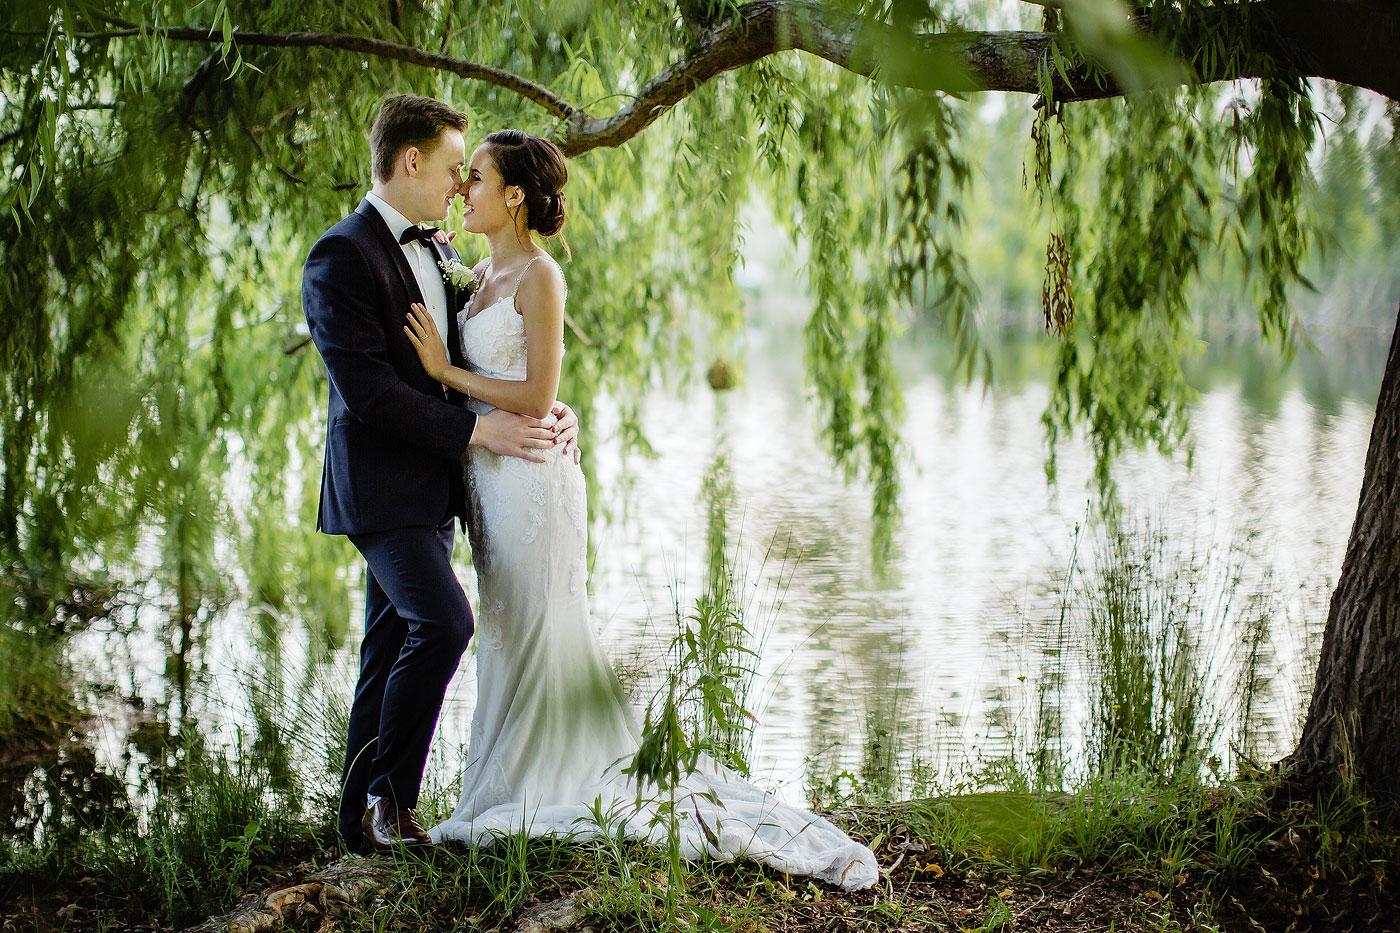 Classic, Elegant Wedding Portrait